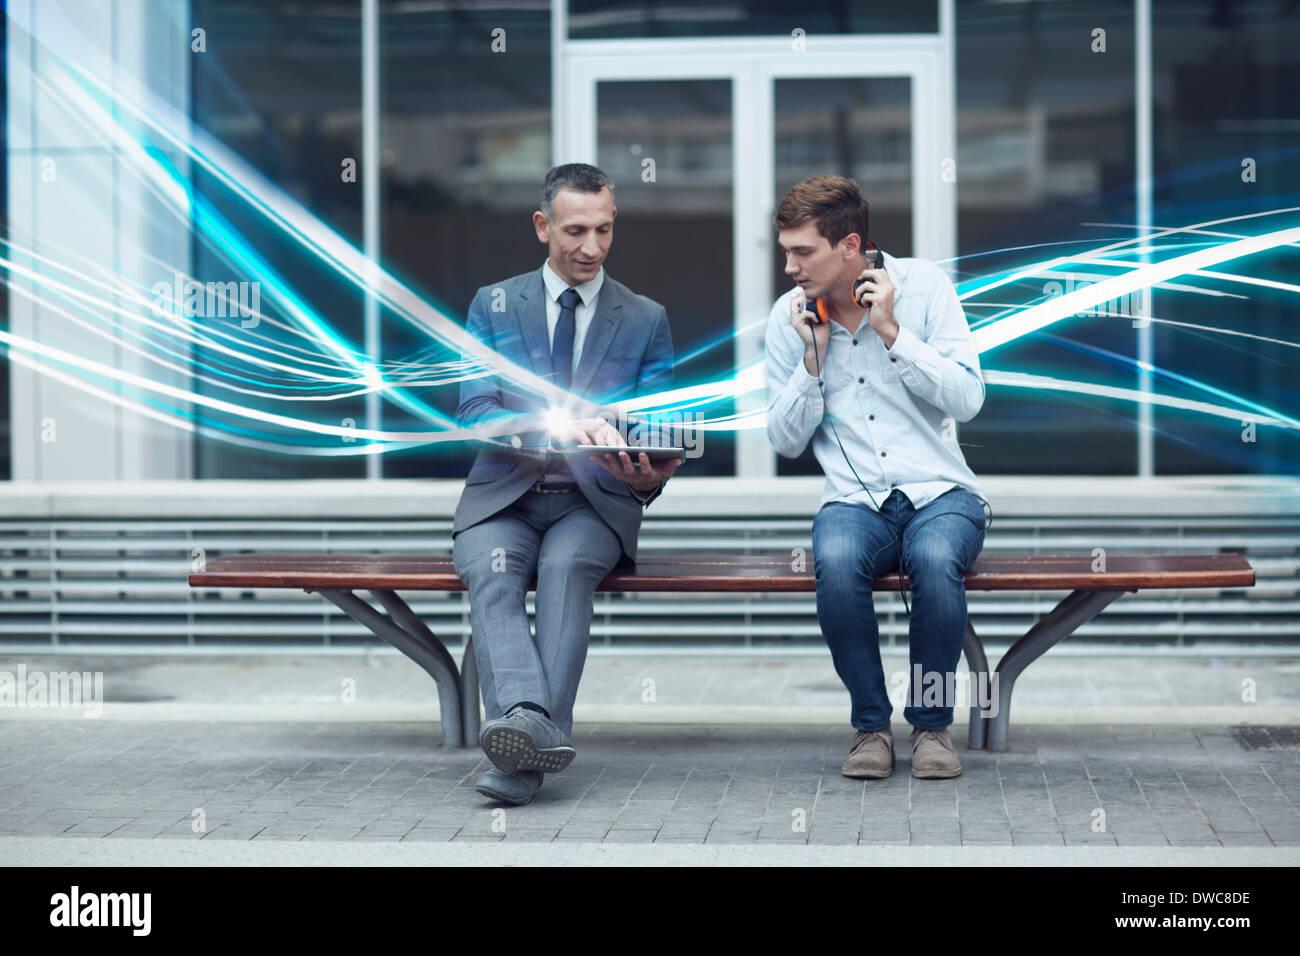 Geschäftsmann und junger Mann gerade digital-Tablette und Wellen der Beleuchtung Stockfoto